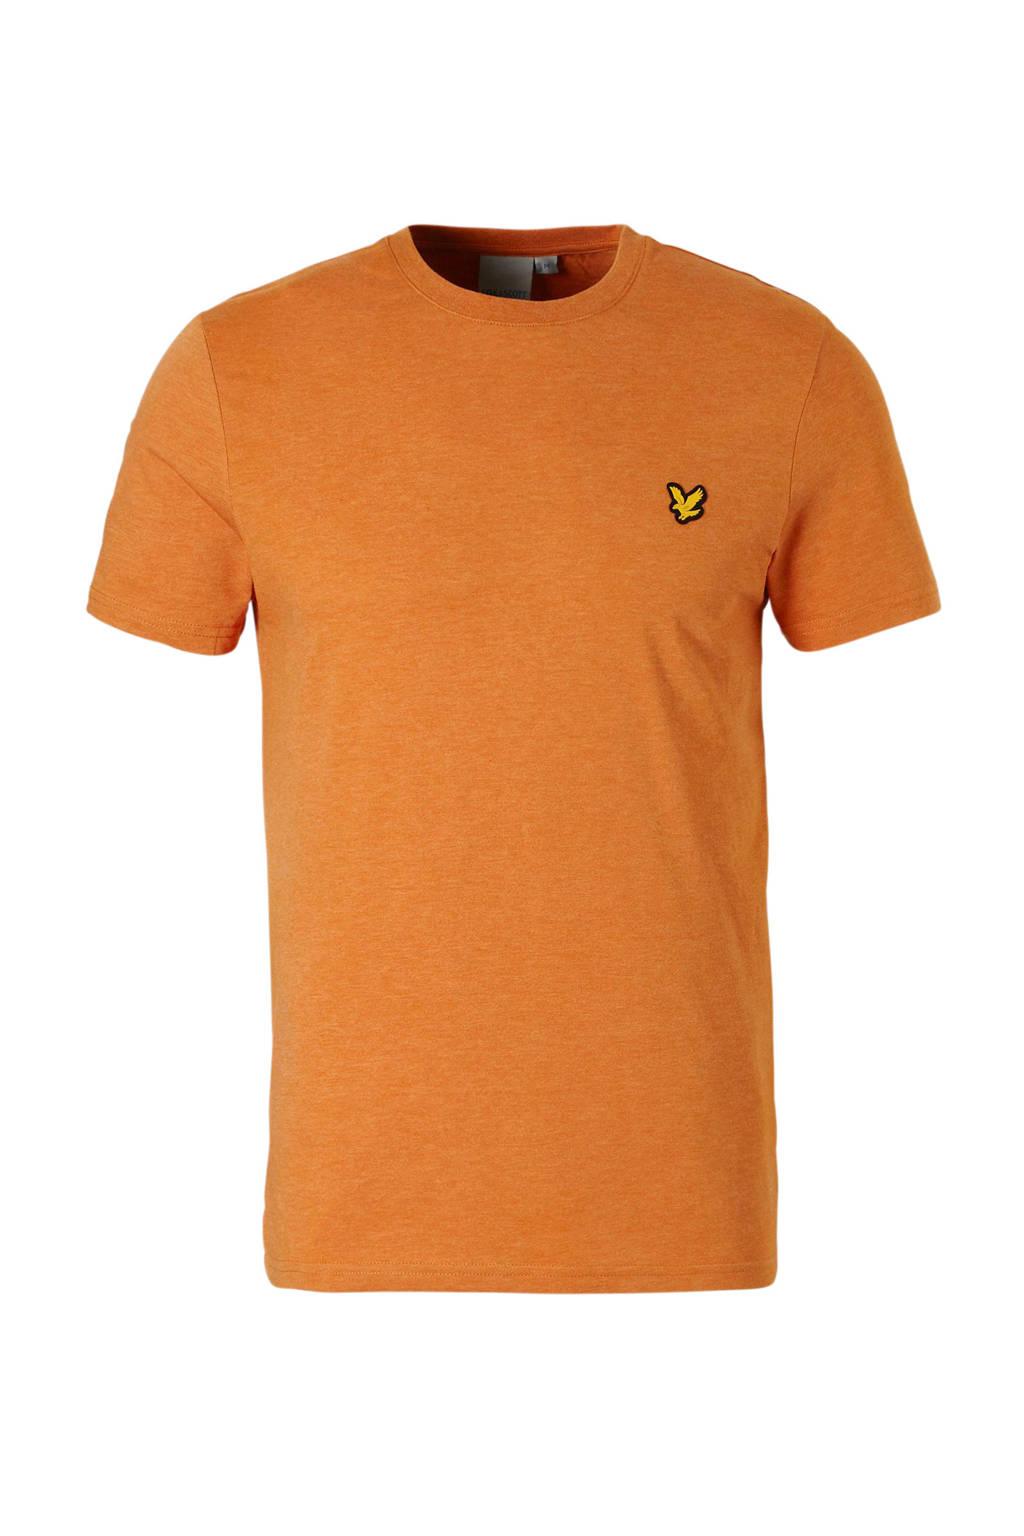 Lyle & Scott   sport T-shirt oranje, Oranje